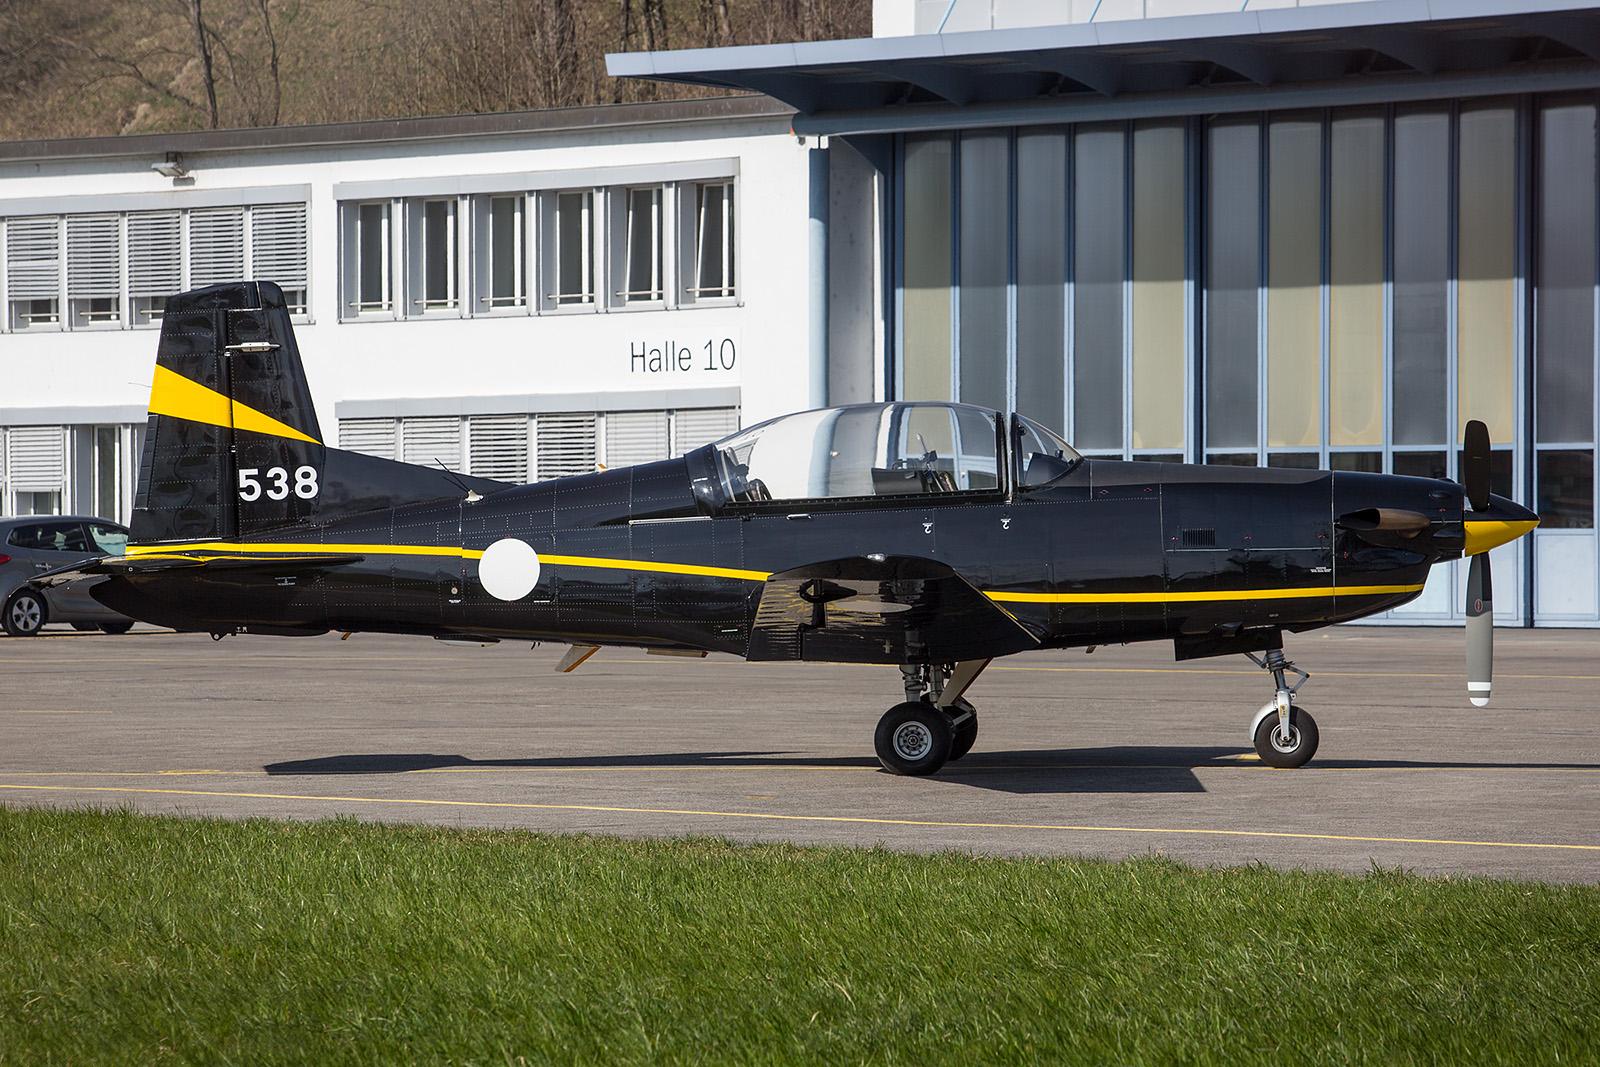 Ebenfalls zur Wartung war diese PC-7 der Niederländischen Luftwaffe in Buochs.